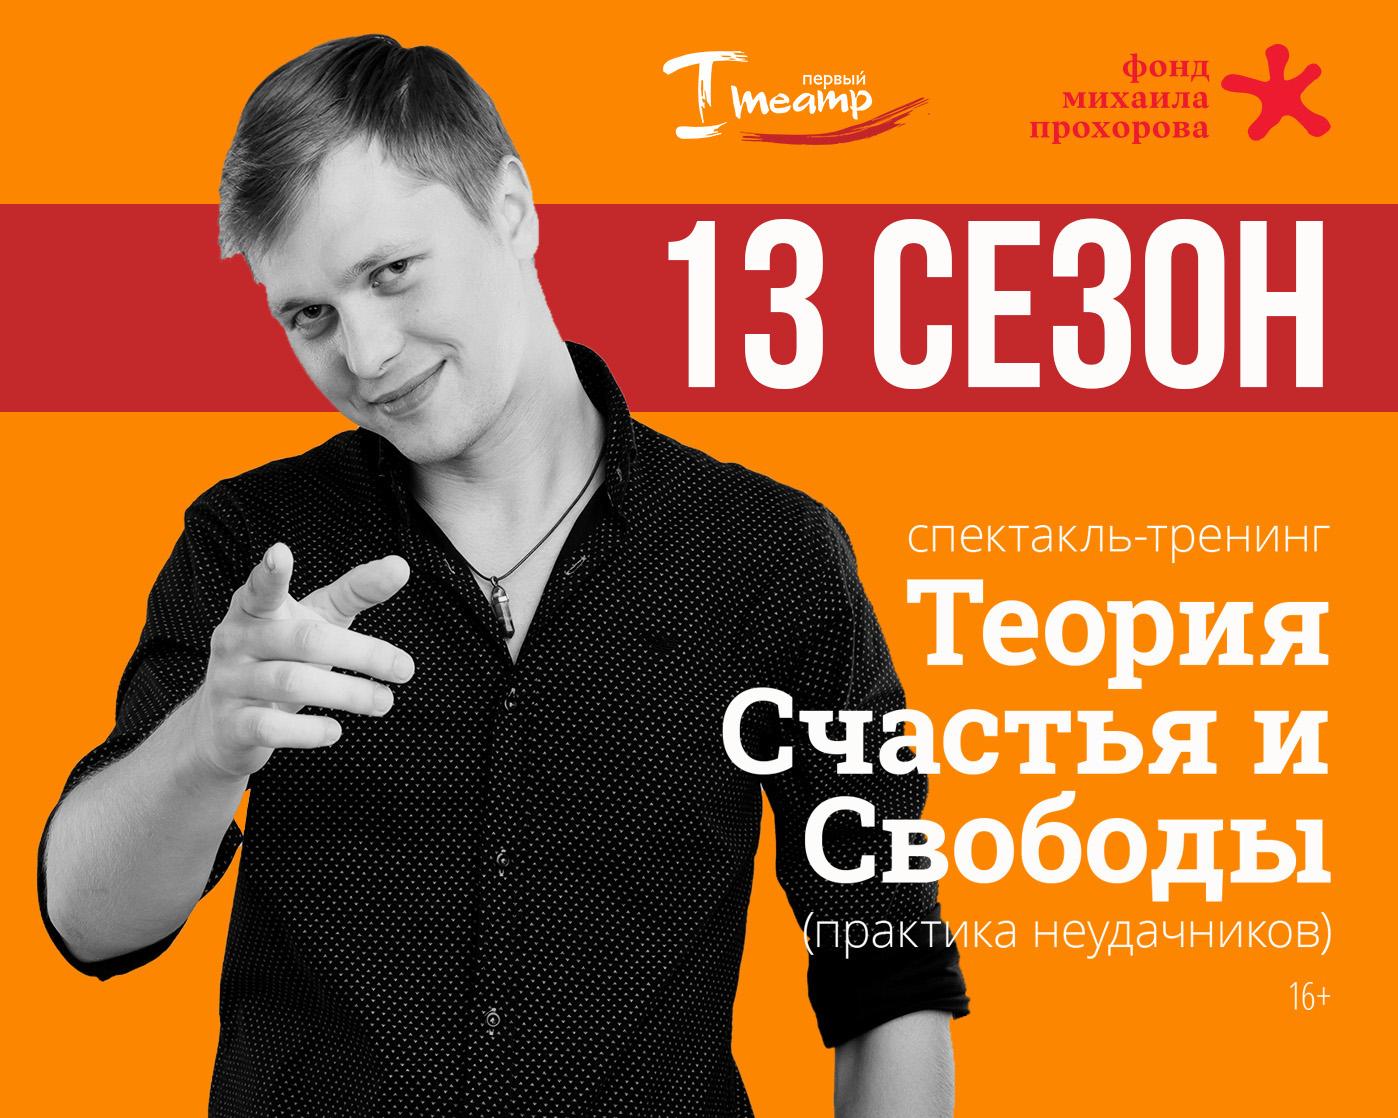 13 театральный сезон Первого театра